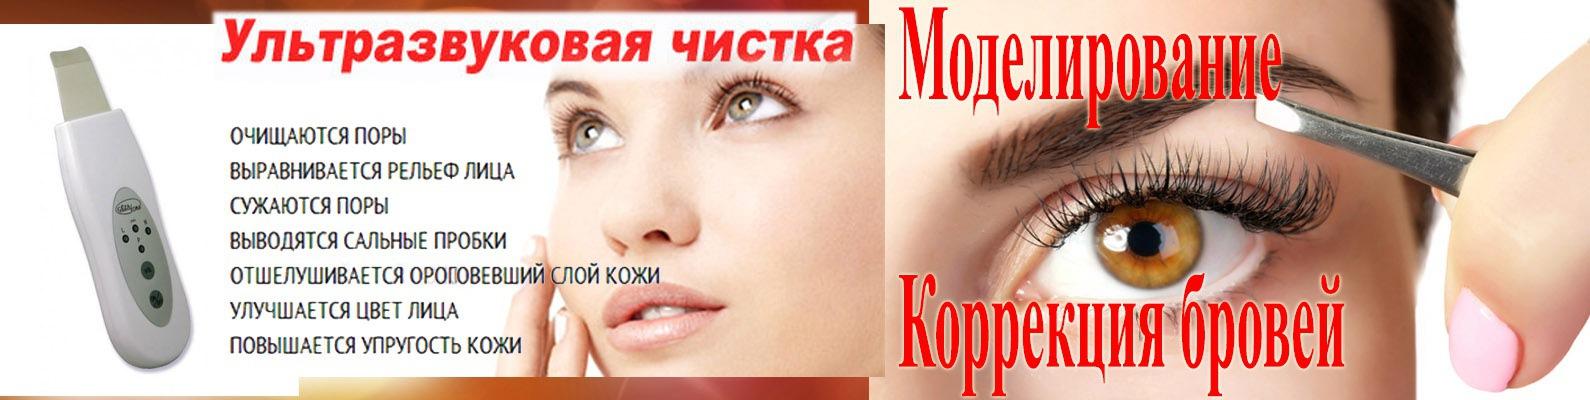 Ультразвуковое очищение кожи лица